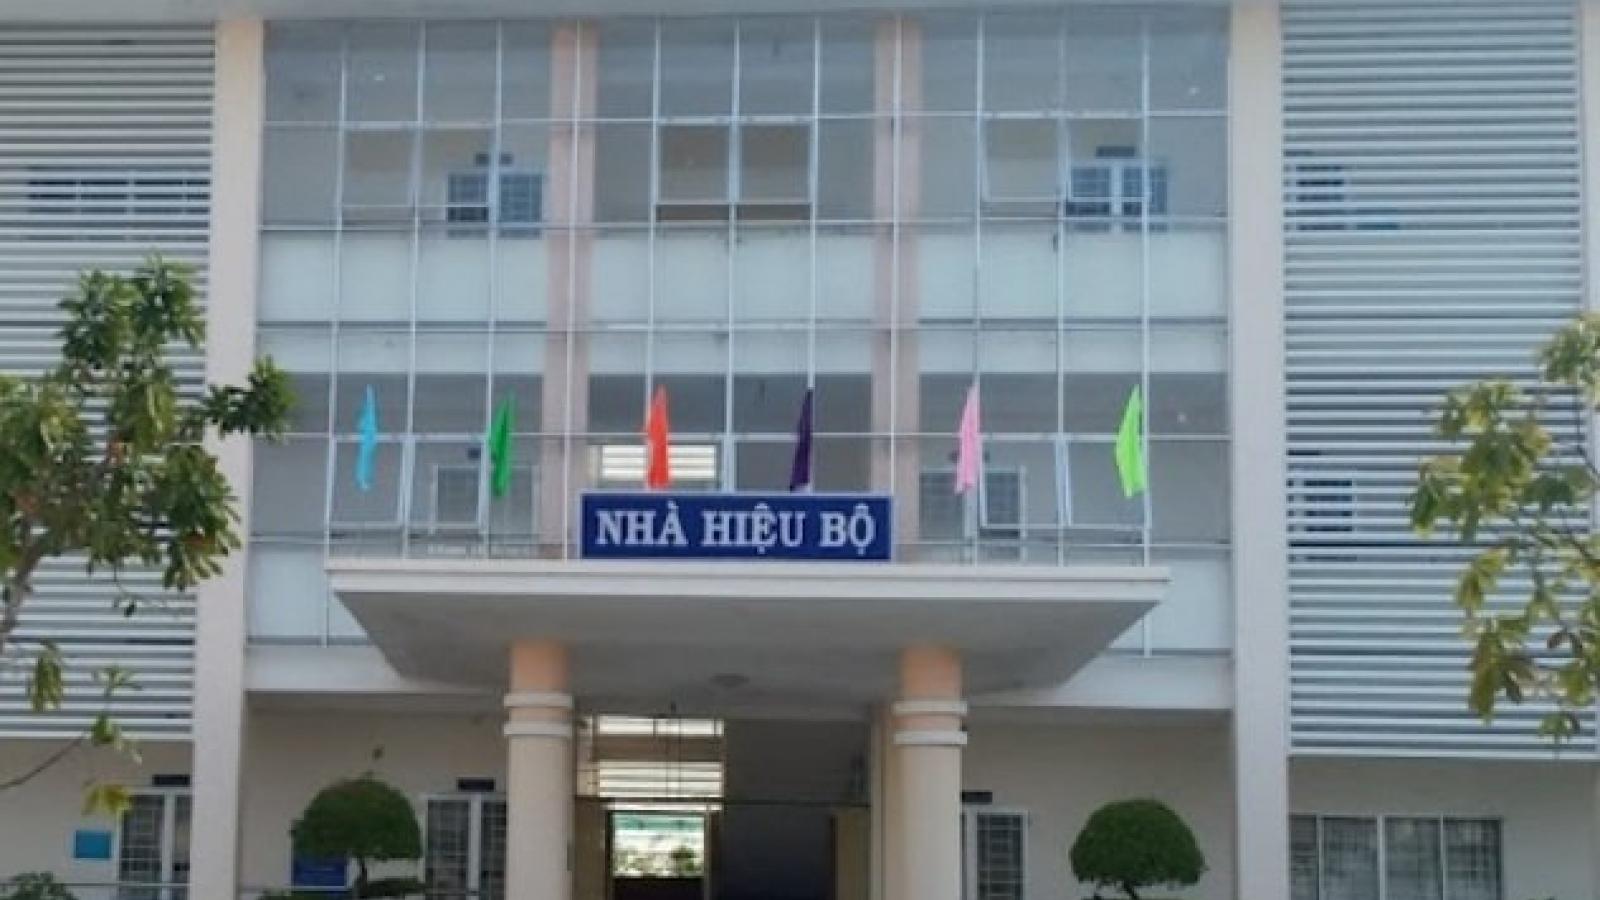 Dự kiến tiếp nhận người Kiên Giang trở về từ TP.HCM đầu tháng 8 tới